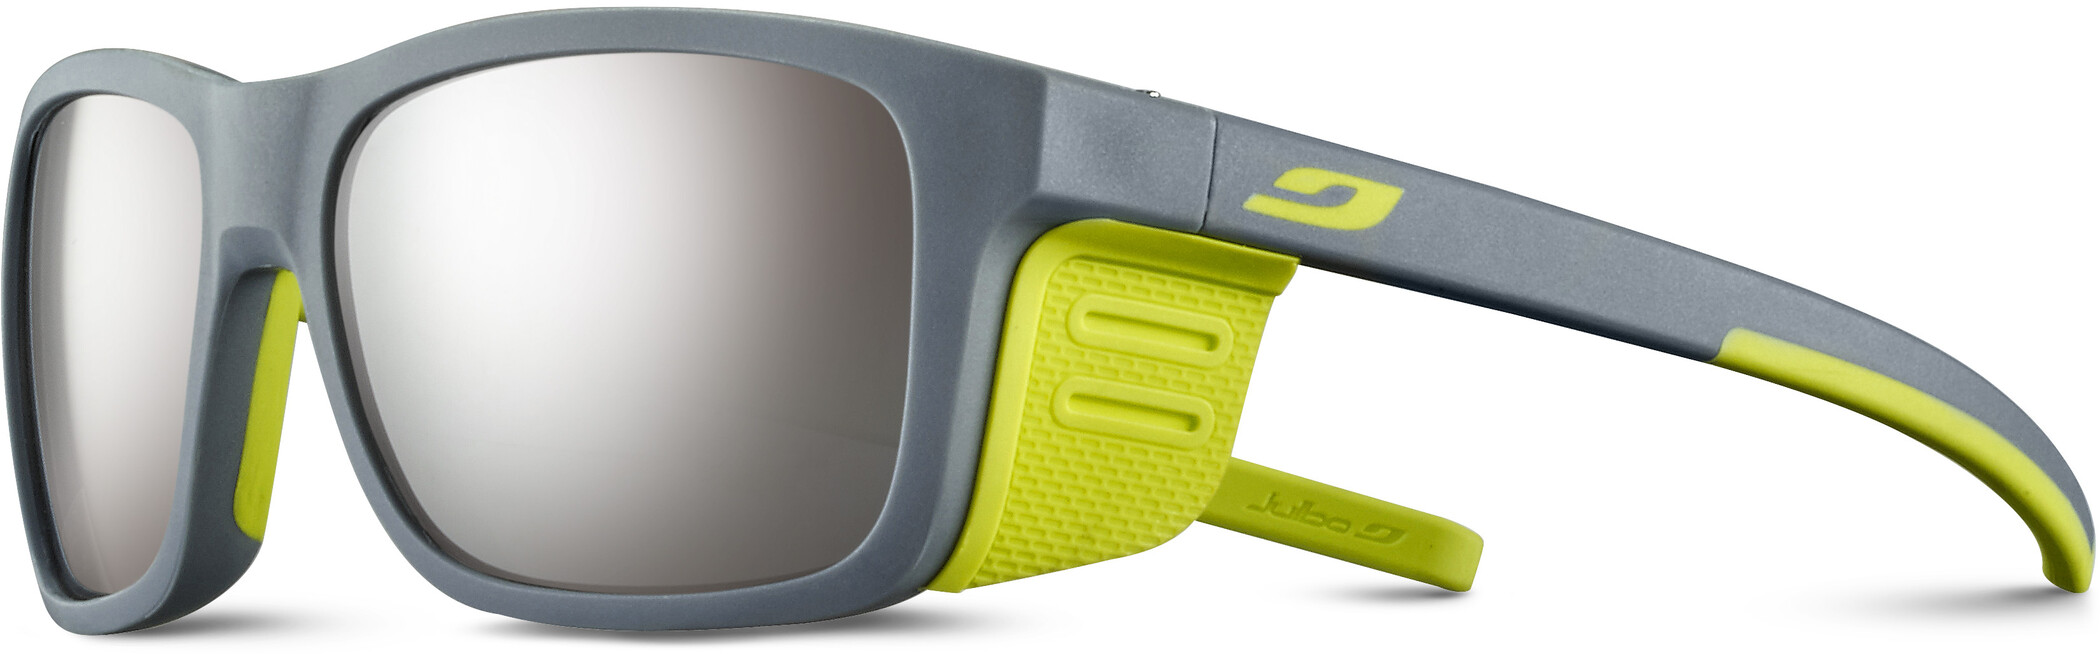 Julbo Cover Spectron 4 Solbriller Børn, light gray/apple green (2020) | Glasses